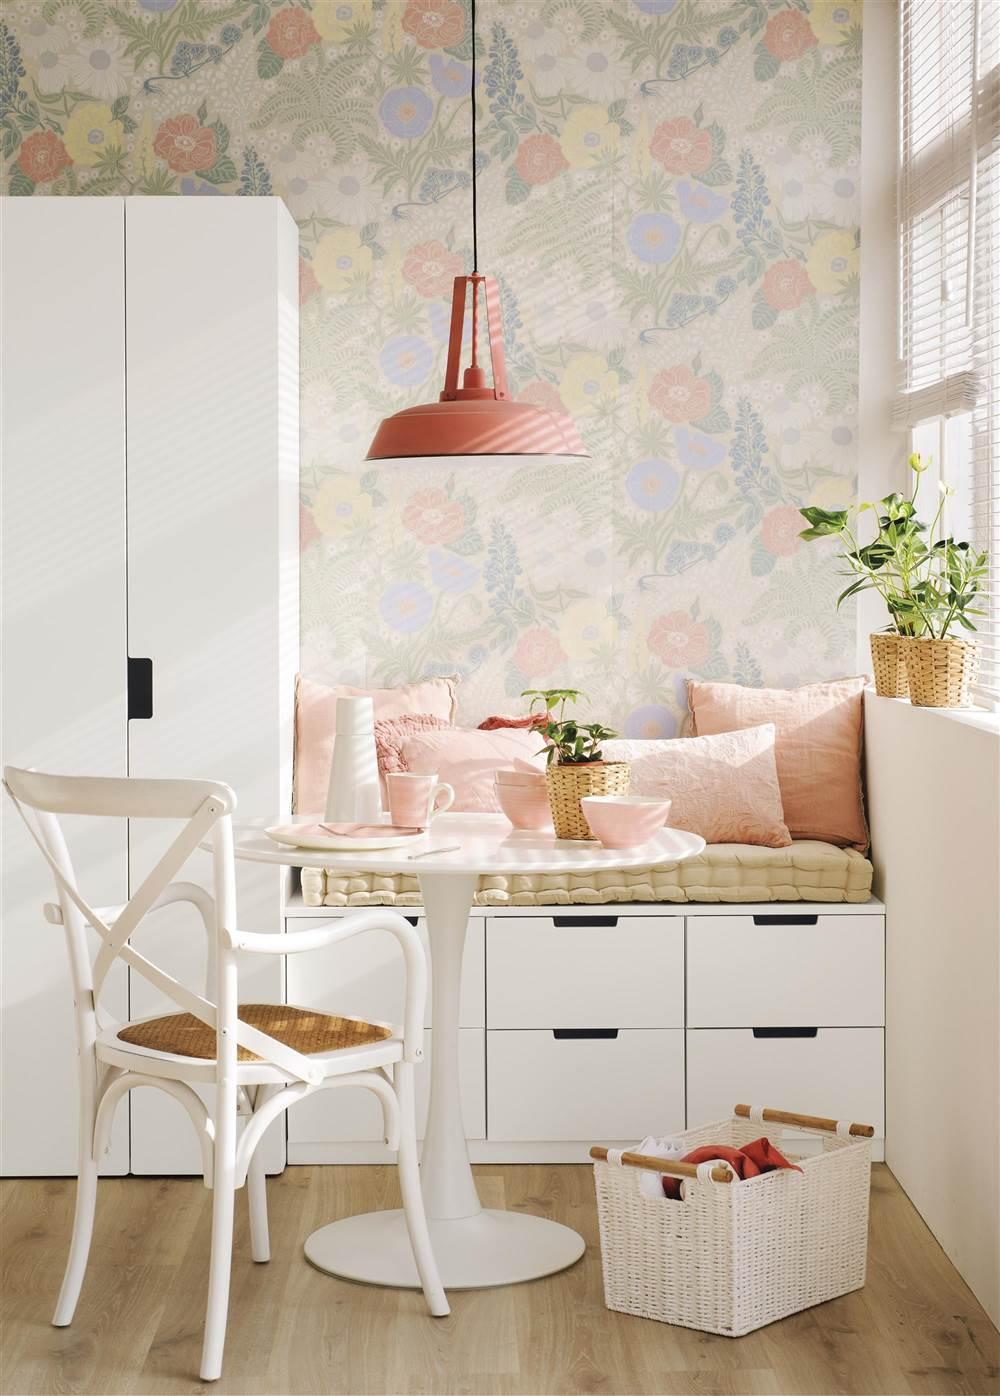 El mismo mueble tres usos distintos - Papel de pared para pintar ...